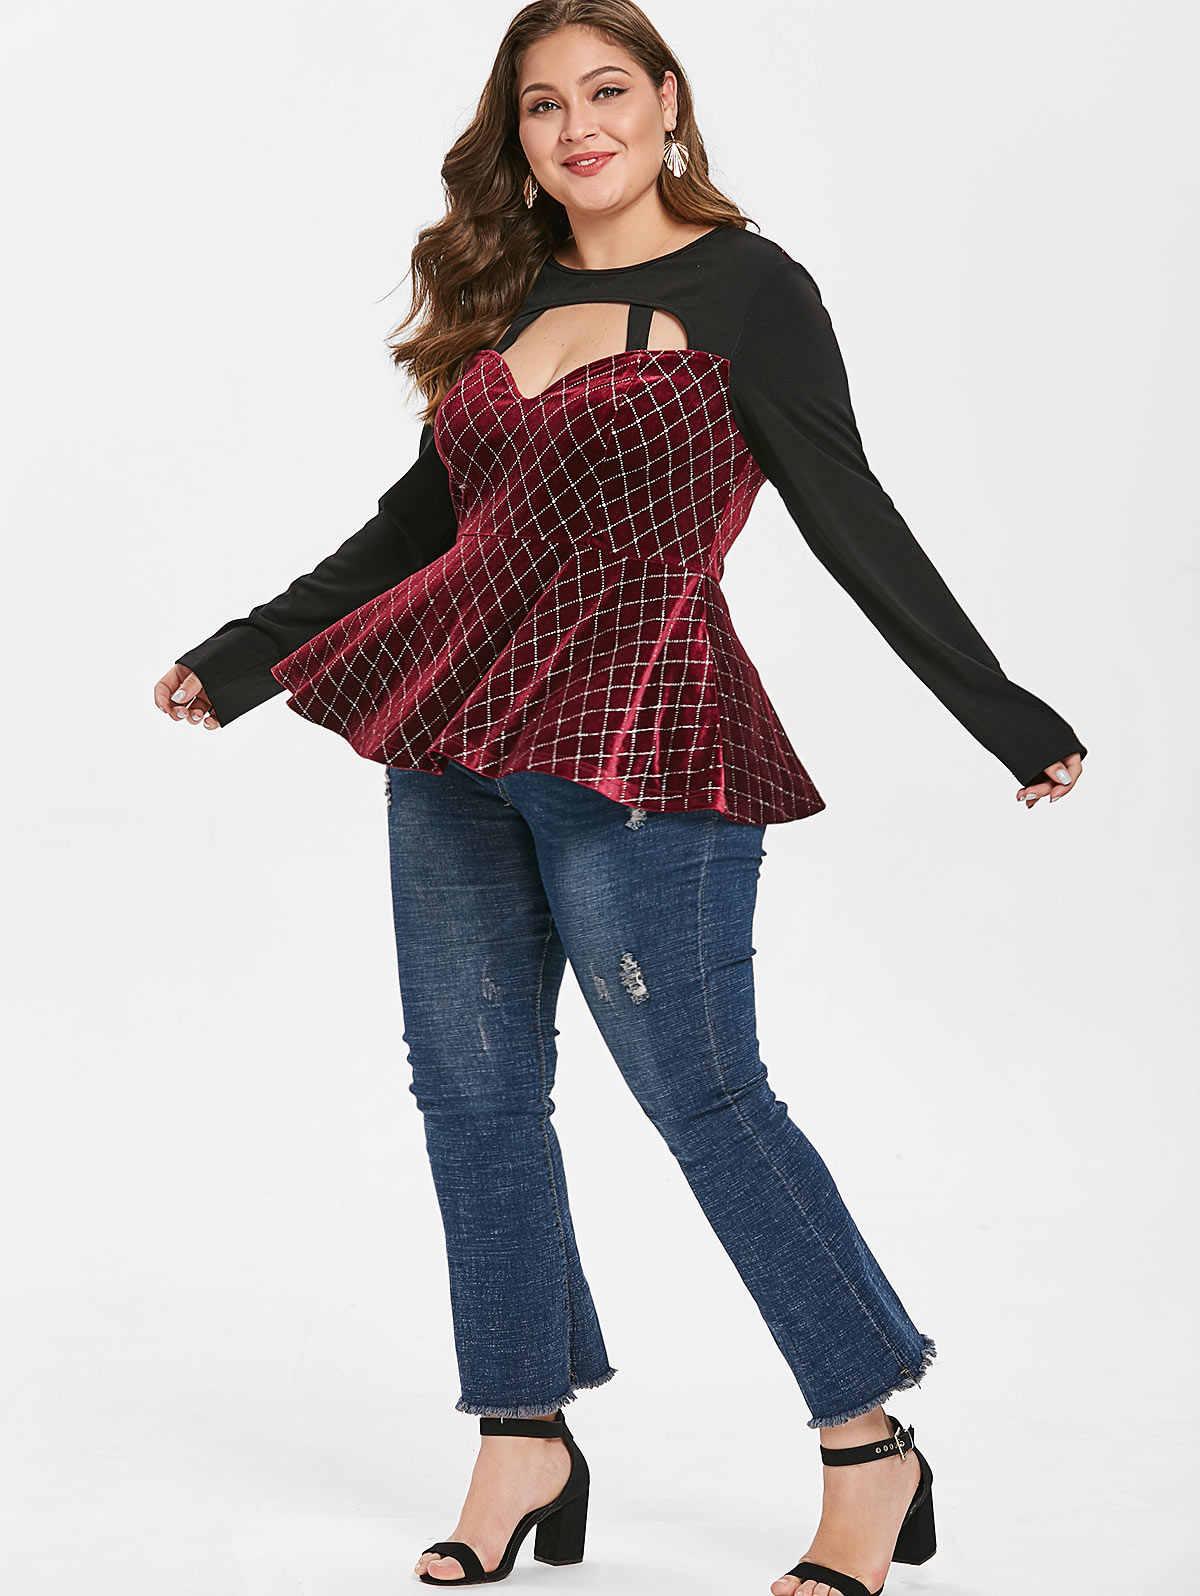 Wipalo, женская футболка, плюс размер, 5XL, с цветным блоком, с вырезом, с круглым вырезом, с длинным рукавом, с высокой талией, в клетку, с юбкой, футболки, повседневные, весенние, с баской, топы